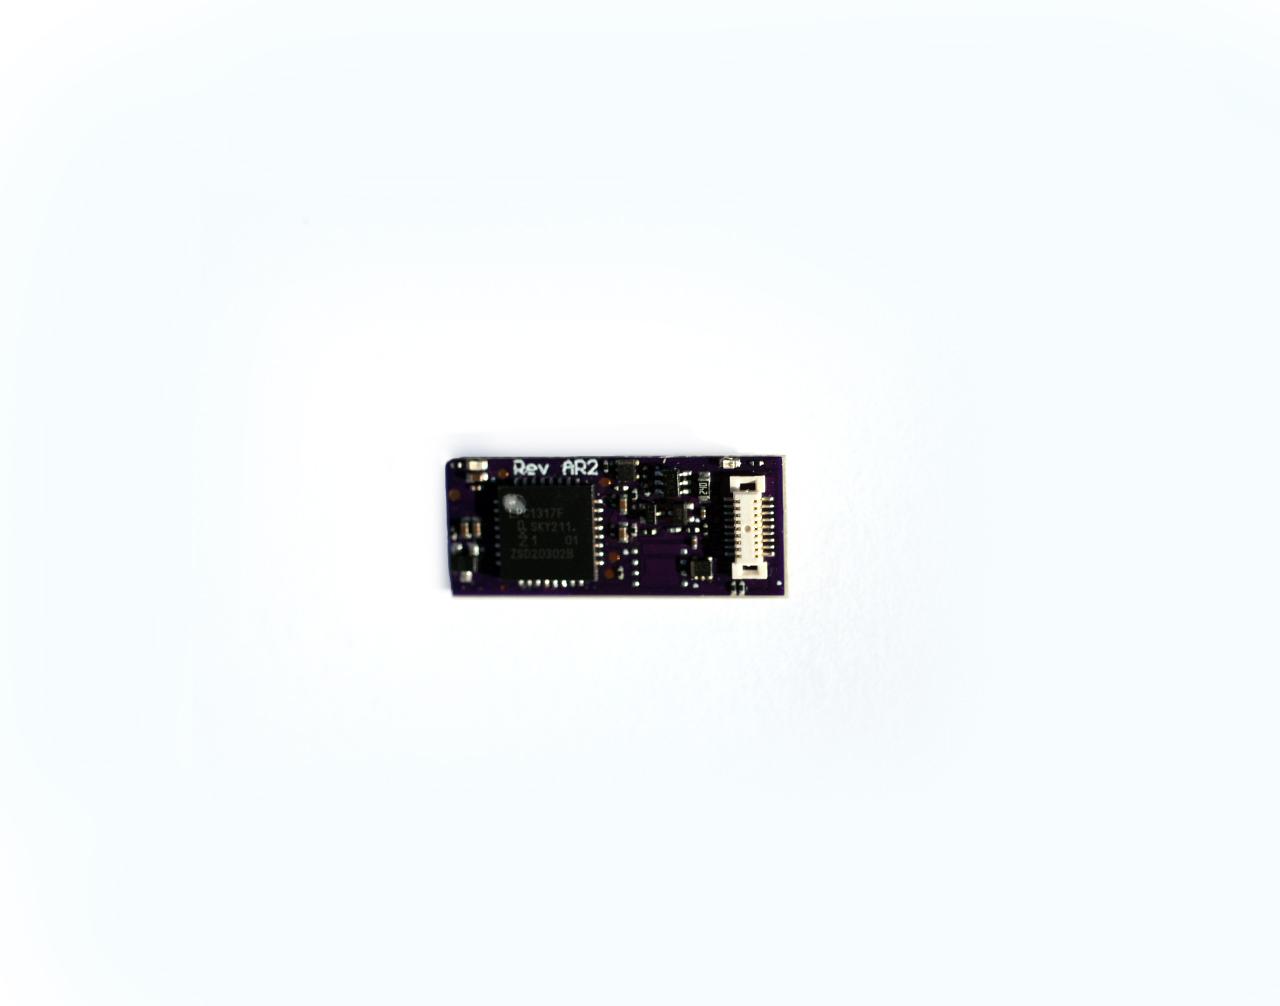 Soundtraxx 885028 - HO & N Scale TSU-N18 Tsunami2 Sound Decoder for ALCO Diesels